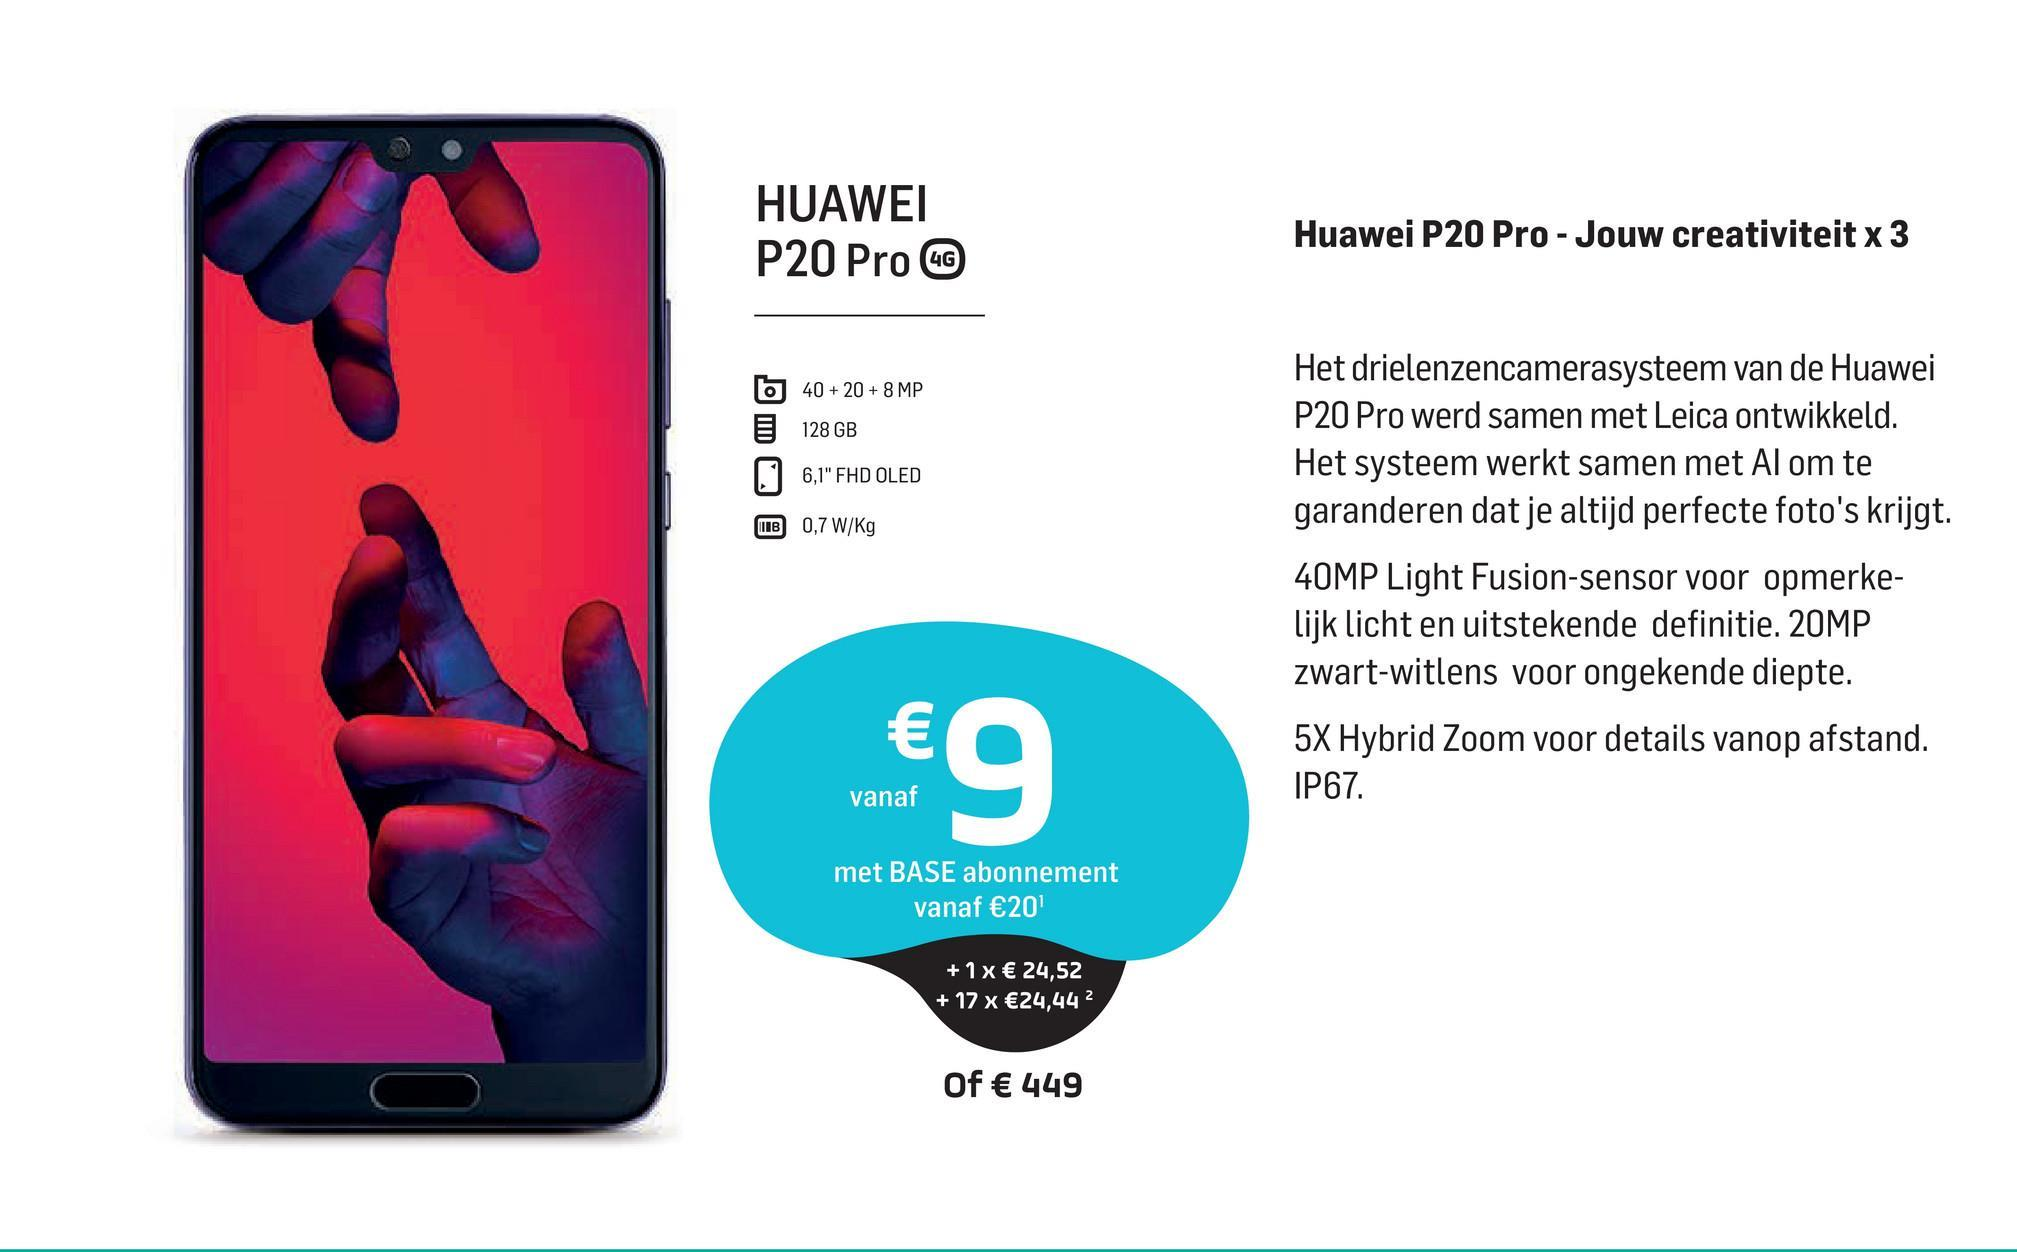 """HUAWEI P20 Pro GC Huawei P20 Pro - Jouw creativiteit x 3 6 40 + 20 + 8 MP 128 GB 6,1"""" FHD OLED HB 0,7 W/kg Het drielenzencamerasysteem van de Huawei P20 Pro werd samen met Leica ontwikkeld. Het systeem werkt samen met Al om te garanderen dat je altijd perfecte foto's krijgt. 40MP Light Fusion-sensor voor opmerke- lijk licht en uitstekende definitie. 20MP zwart-witlens voor ongekende diepte. 5X Hybrid Zoom voor details vanop afstand. IP67 € vanaf met BASE abonnement vanaf €20 + 1x € 24,52 + 17 x €24,442 Of € 449"""